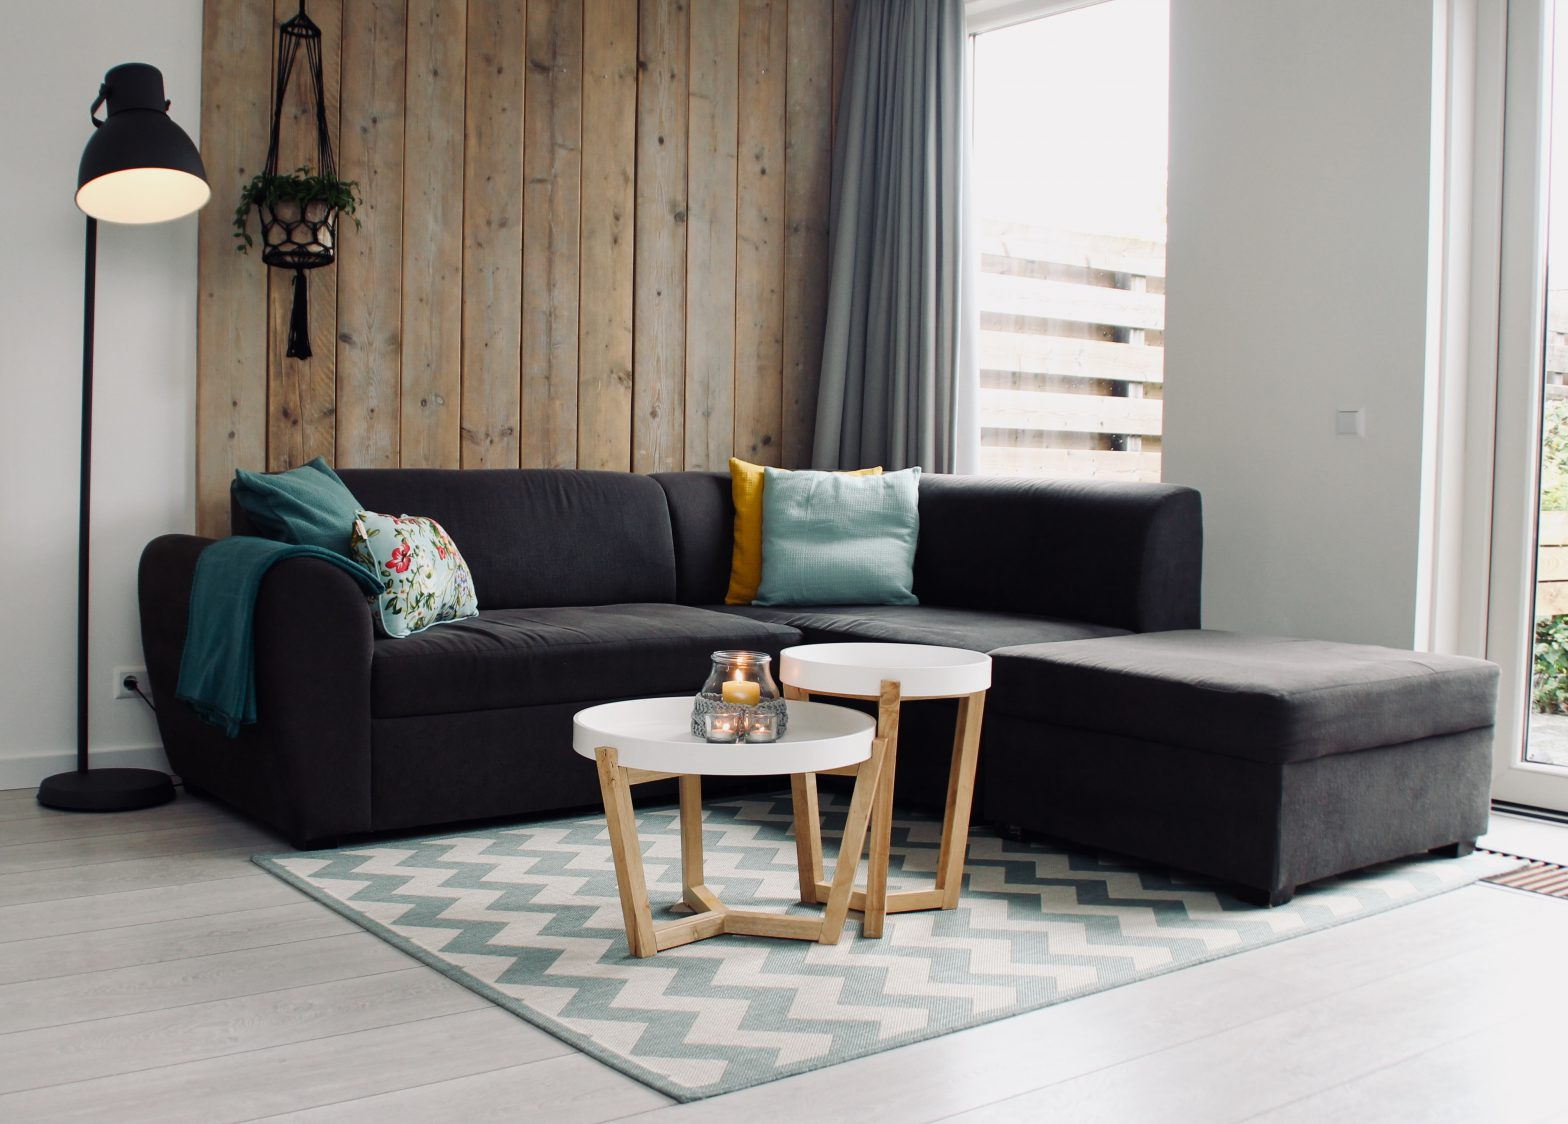 Gniazdka w standardzie zagranicznym – możesz zamontować je także w swoim domu!